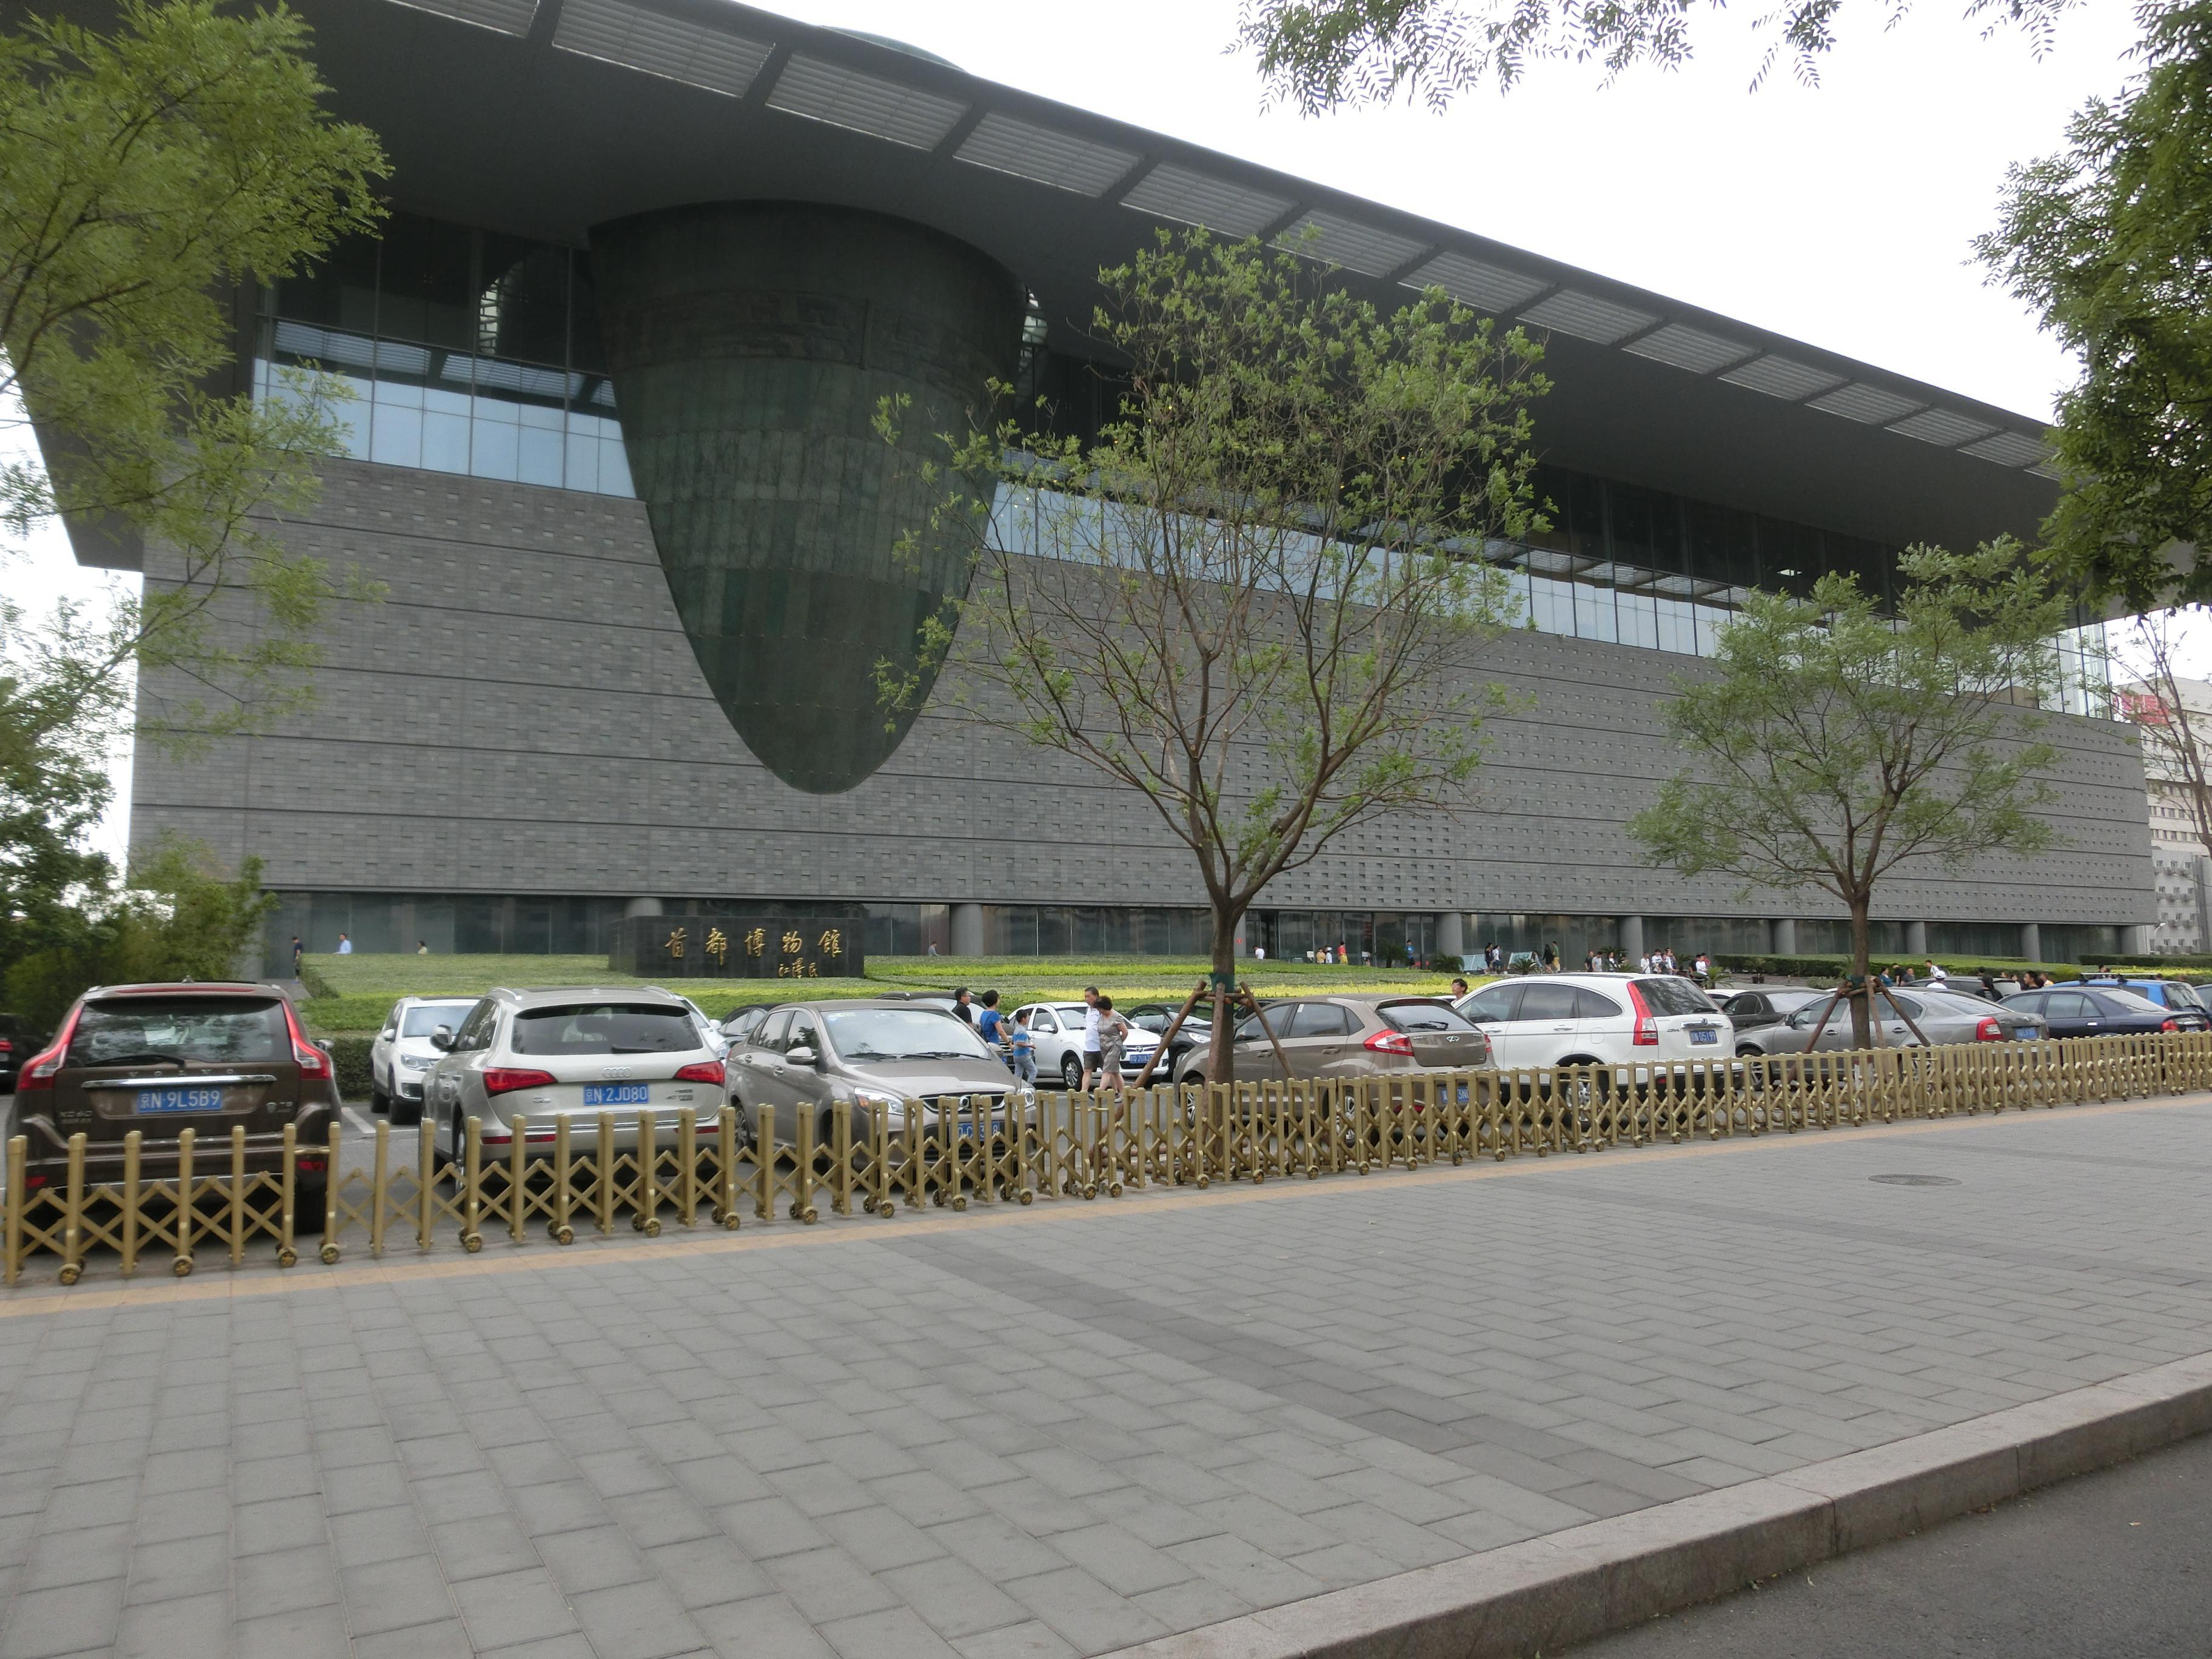 首都博物馆门前